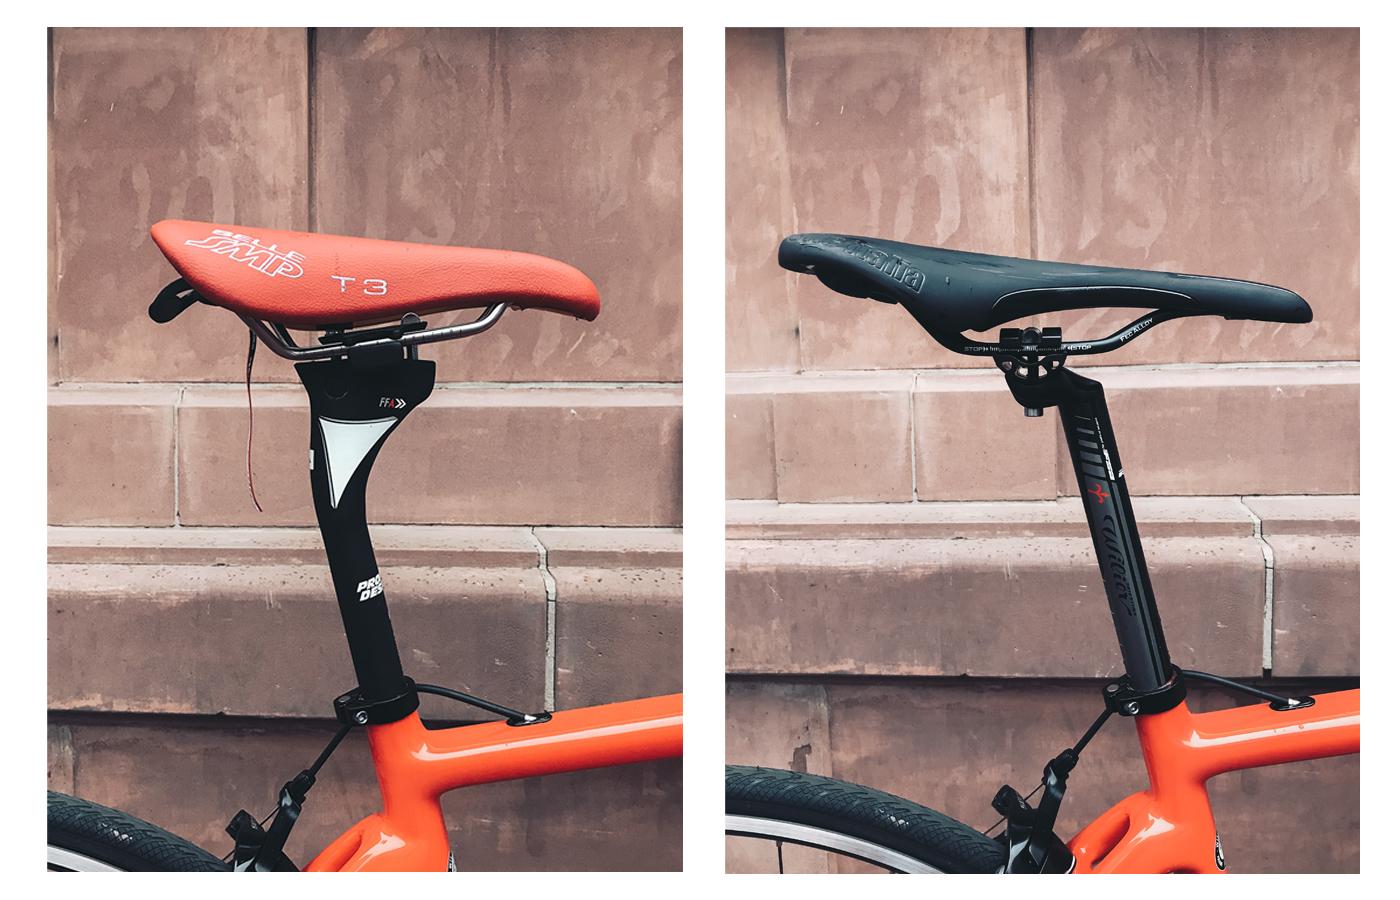 Vergleich der beiden Sattelstützen. Links: Profile Design; Rechts: Original Sattelstütze von Wilier